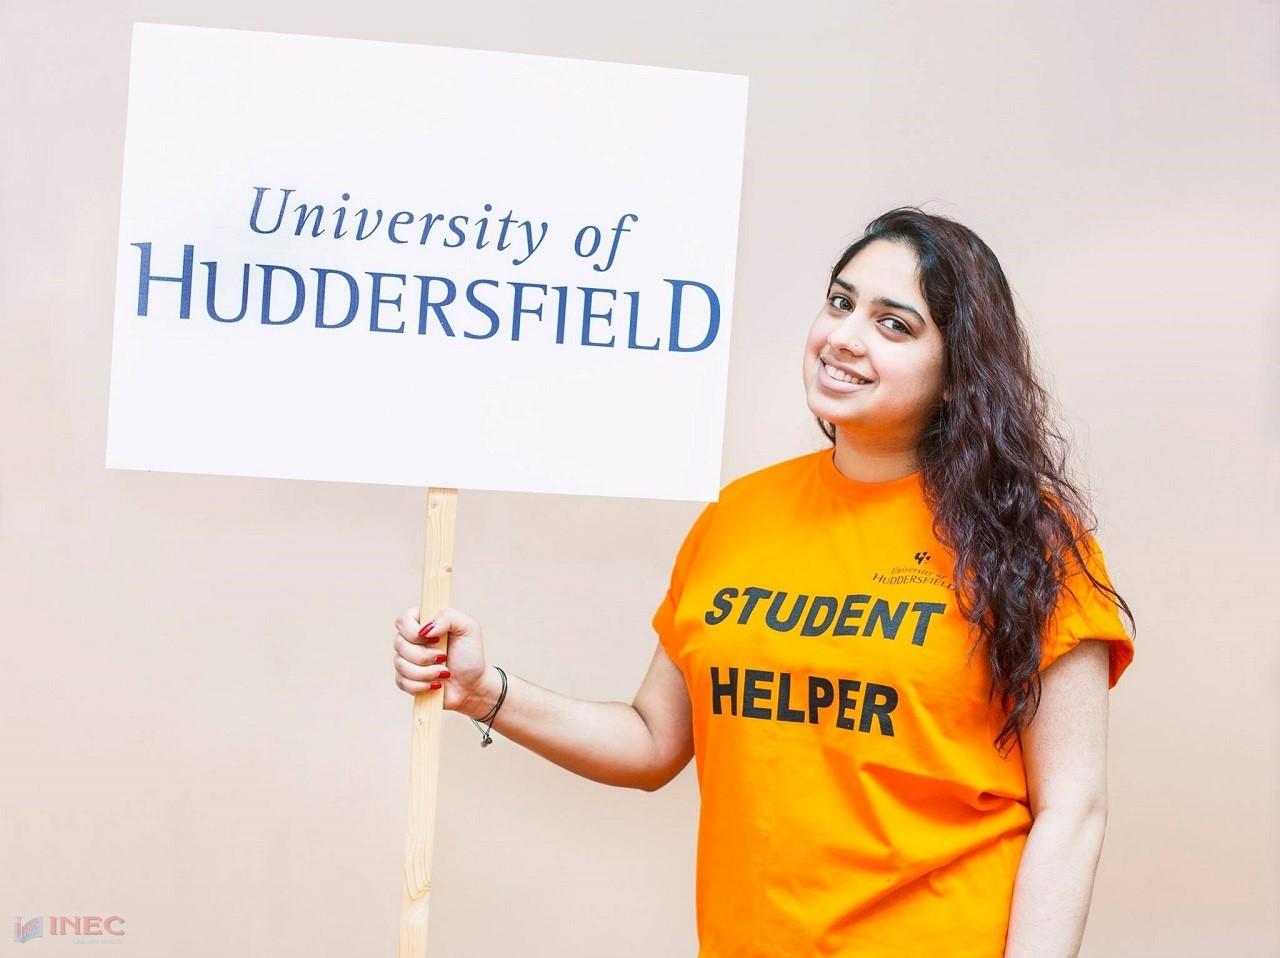 Huddersfield đang triển khai nhiều chương trình học bổng trị giá đến 50% học phí